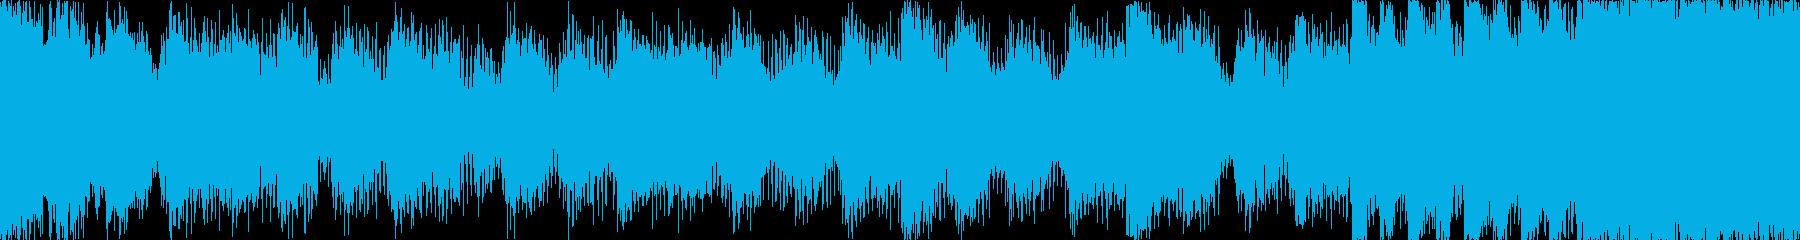 【ループG】ヘヴィーで攻撃的エレキギターの再生済みの波形